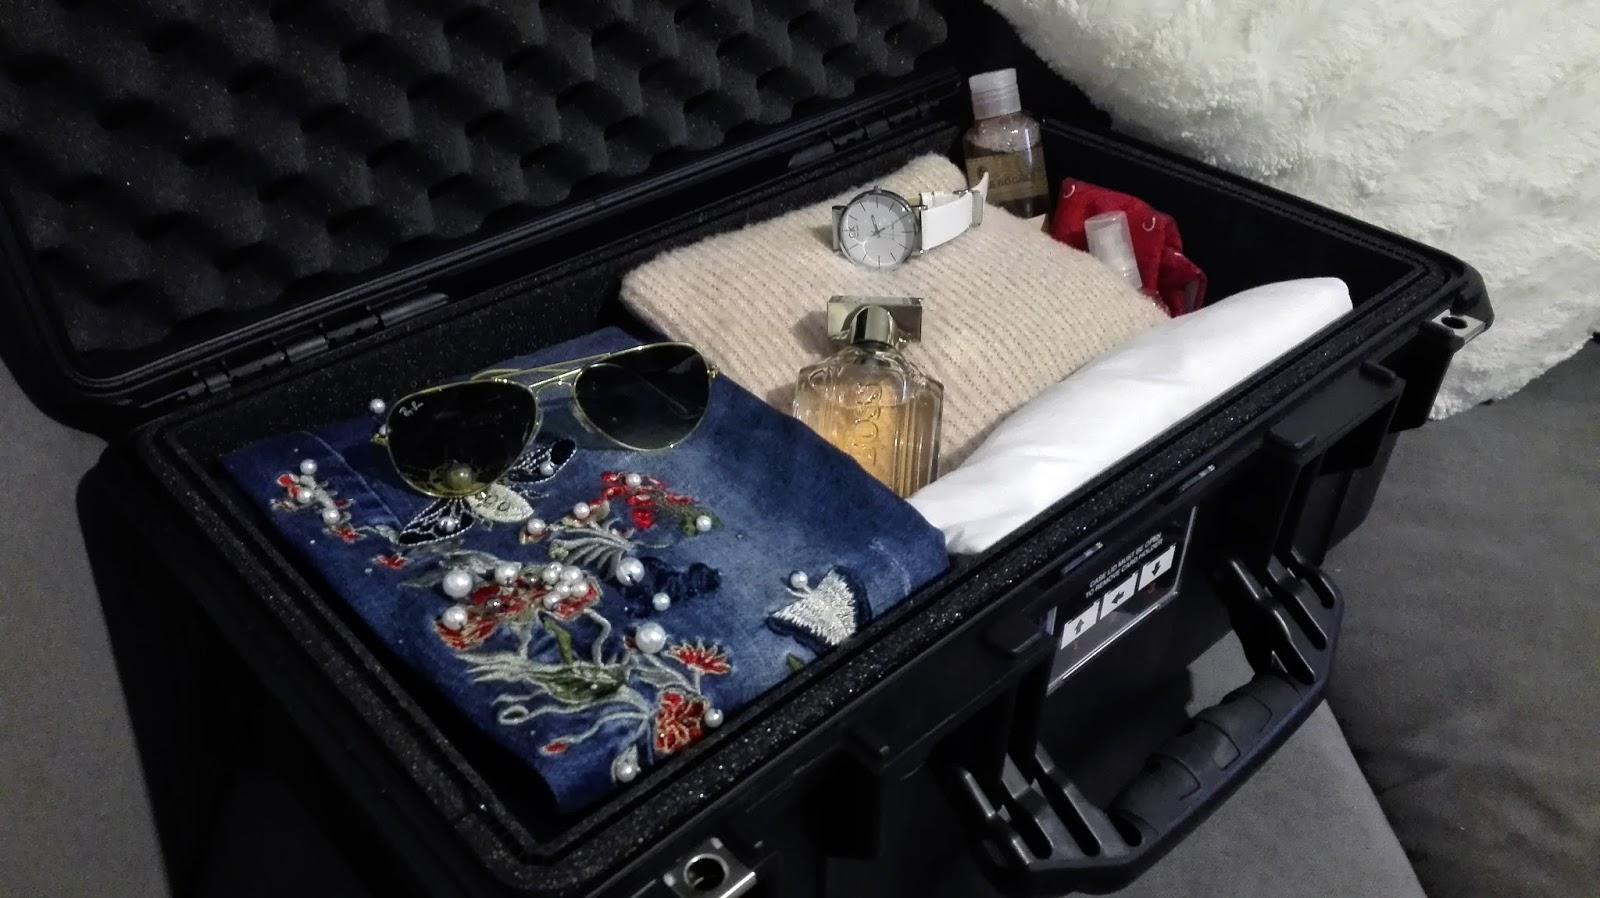 46e67d54487dc Zdradzę Wam dzisiaj, w jaki sposób szybko i przede wszystkim skutecznie  spakować swoje bagaże. Zapraszam!